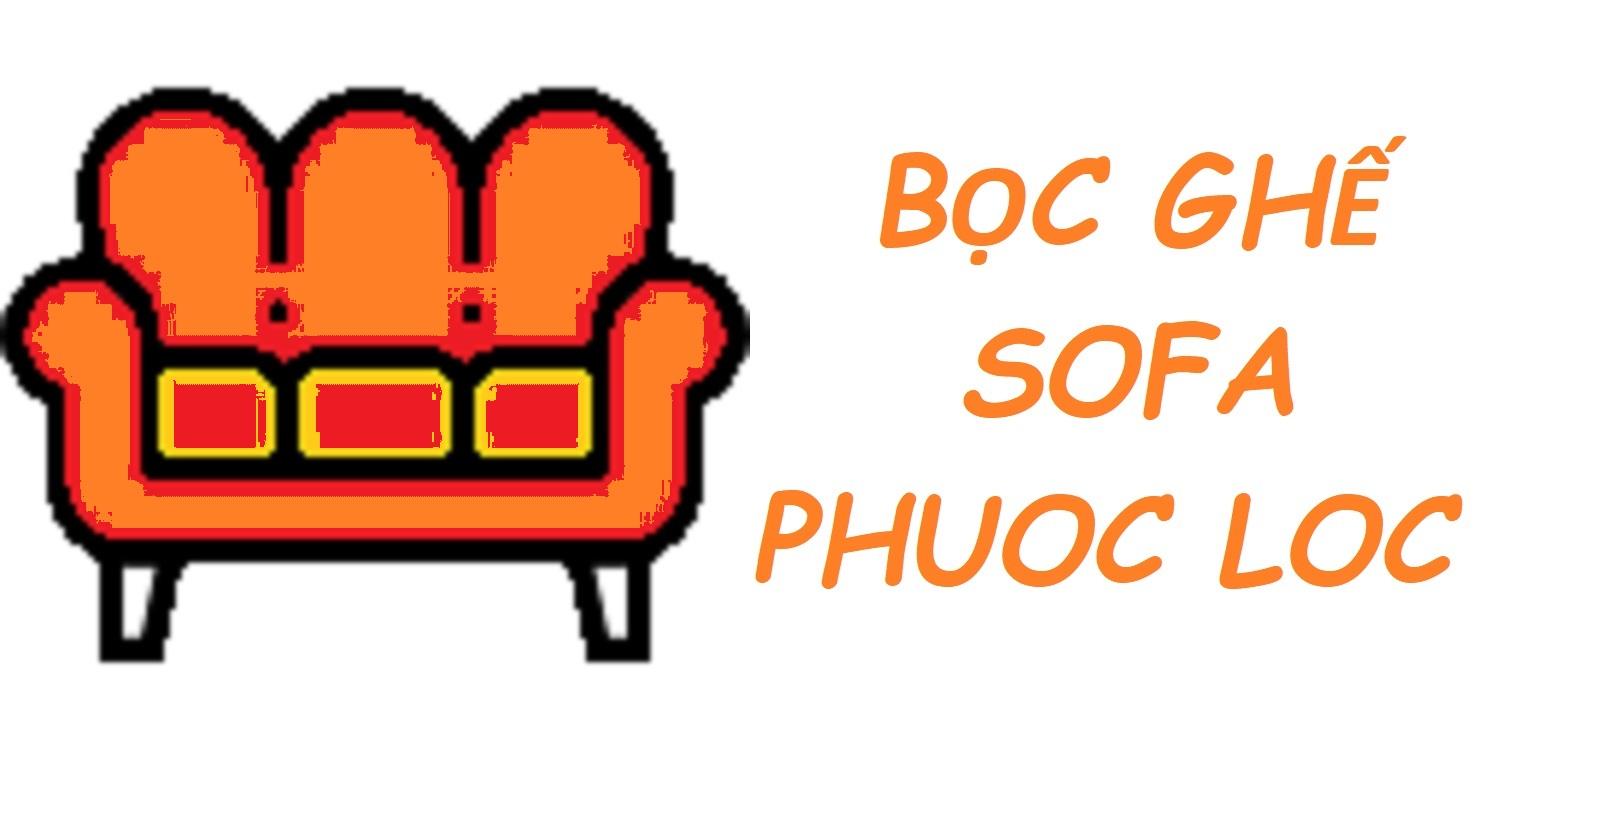 Bọc Ghế Sofa - Phước Lộc